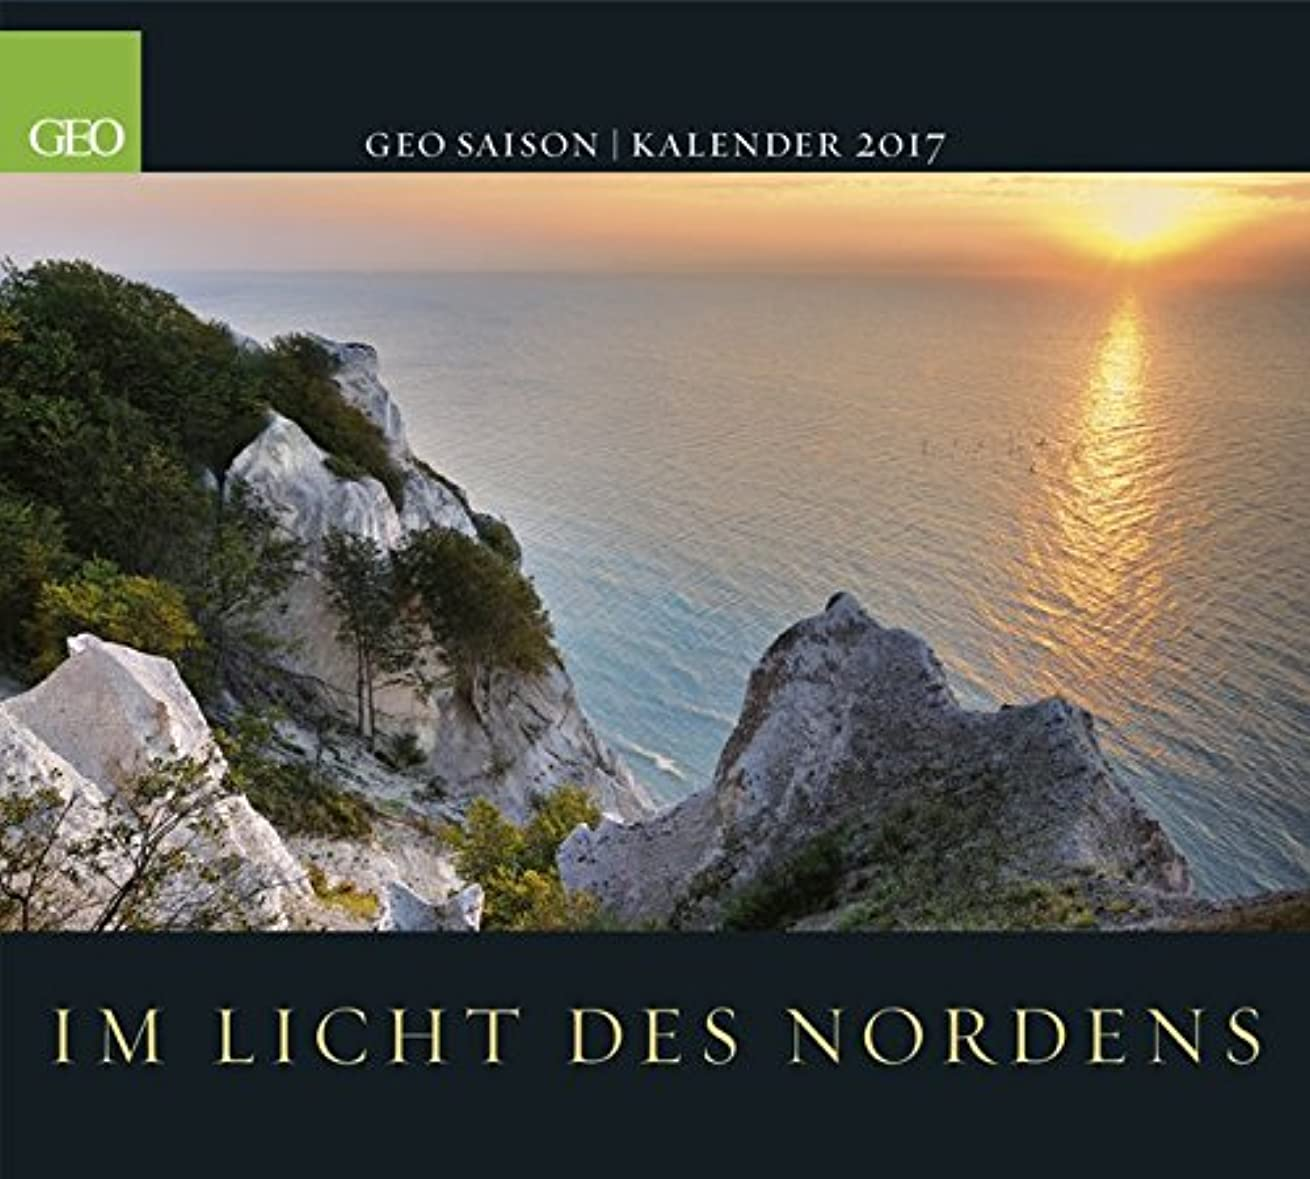 避けられない真向こうキャッシュGEO Saison: Im Licht des Nordens 2017